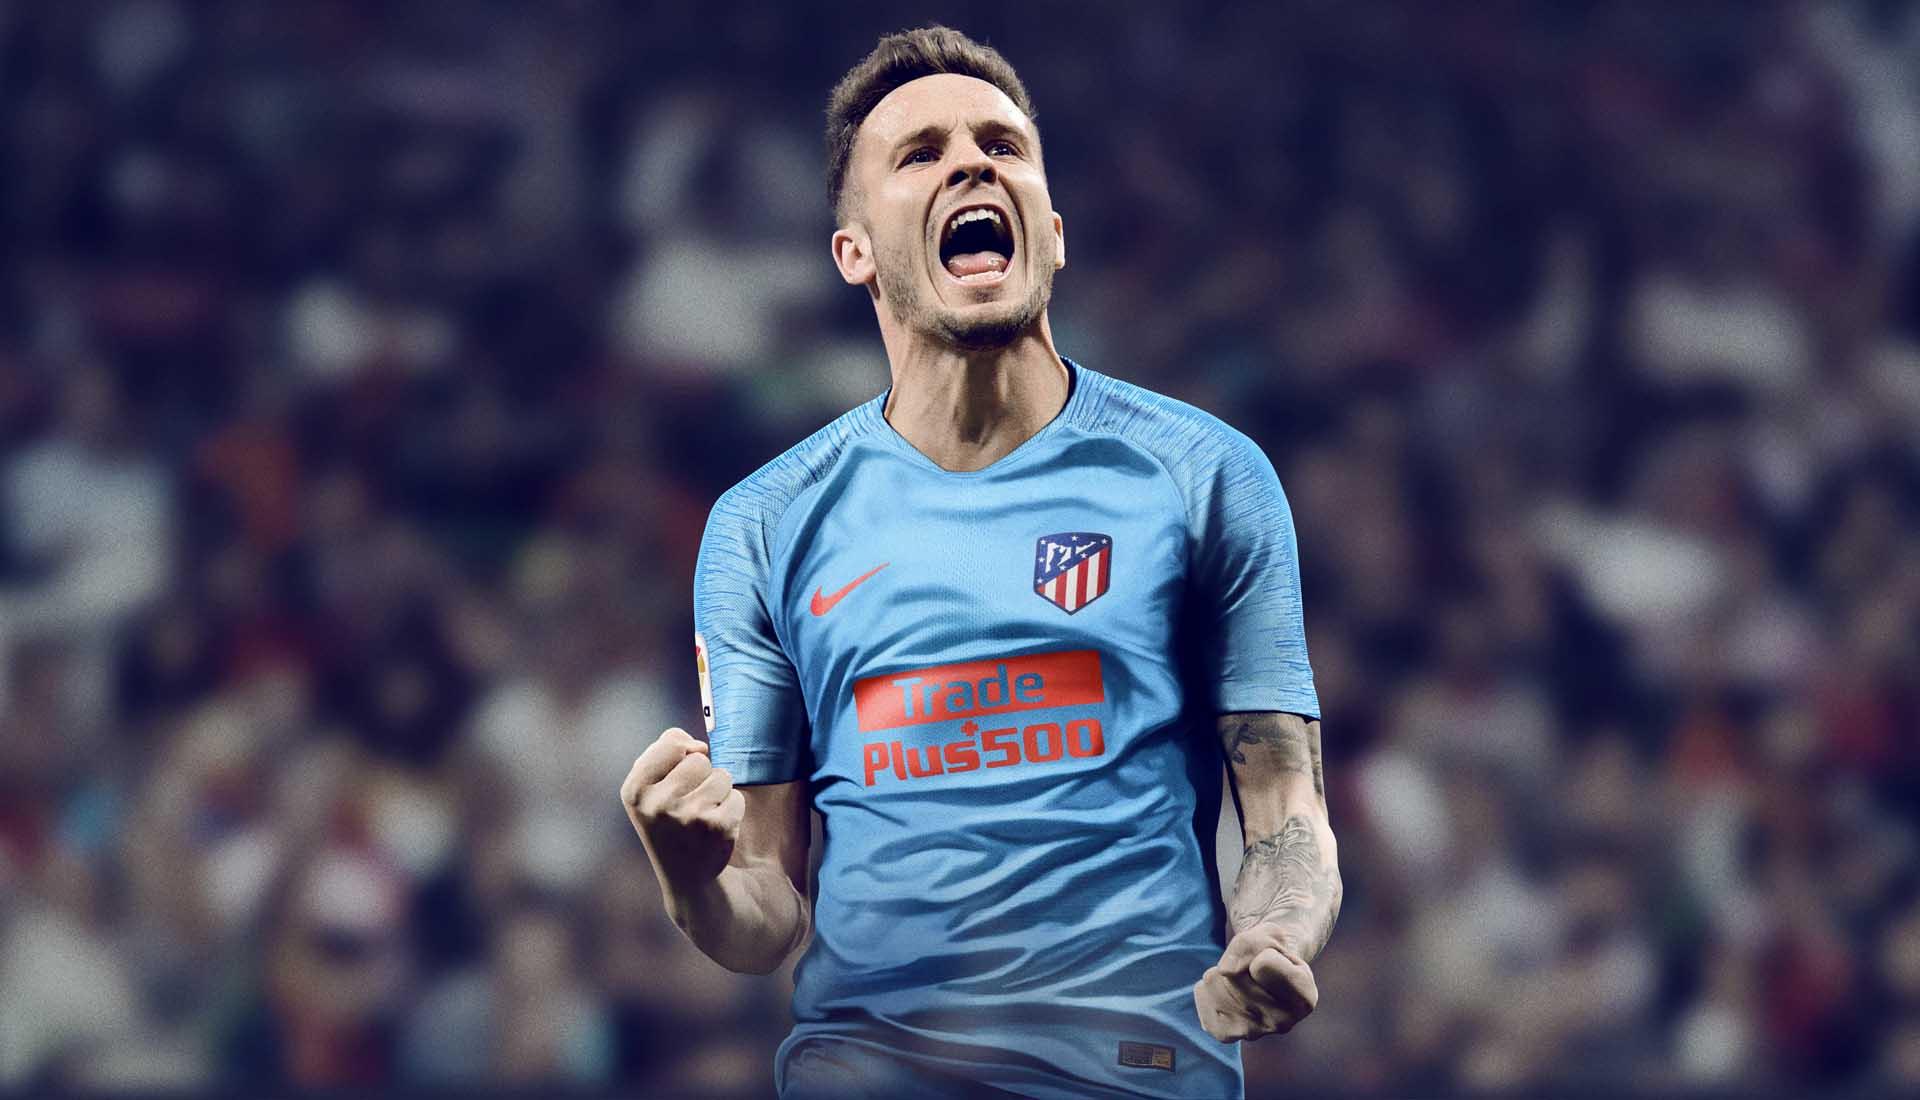 Atletico Madrid 2018-19 Marškinėliai (NIKE)